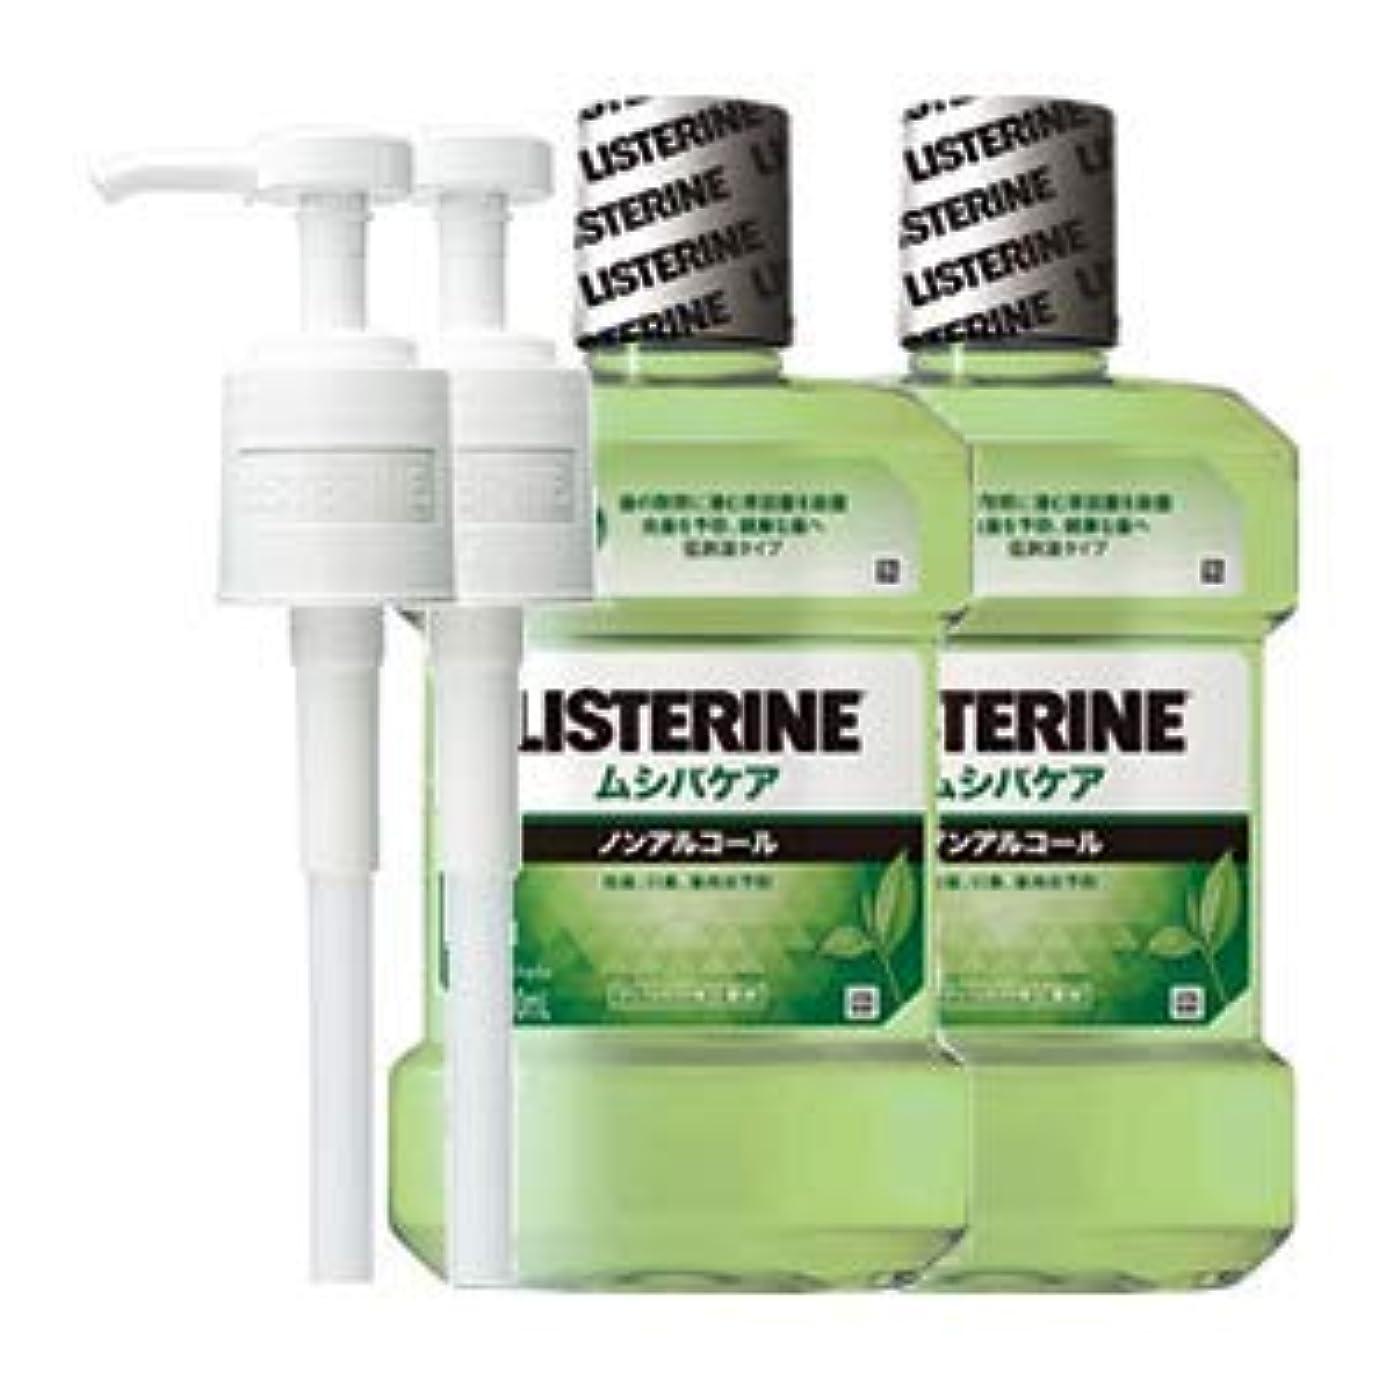 涙リンス宗教的な薬用リステリン ムシバケア (液体歯磨) 1000mL 2点セット (ポンプ付)